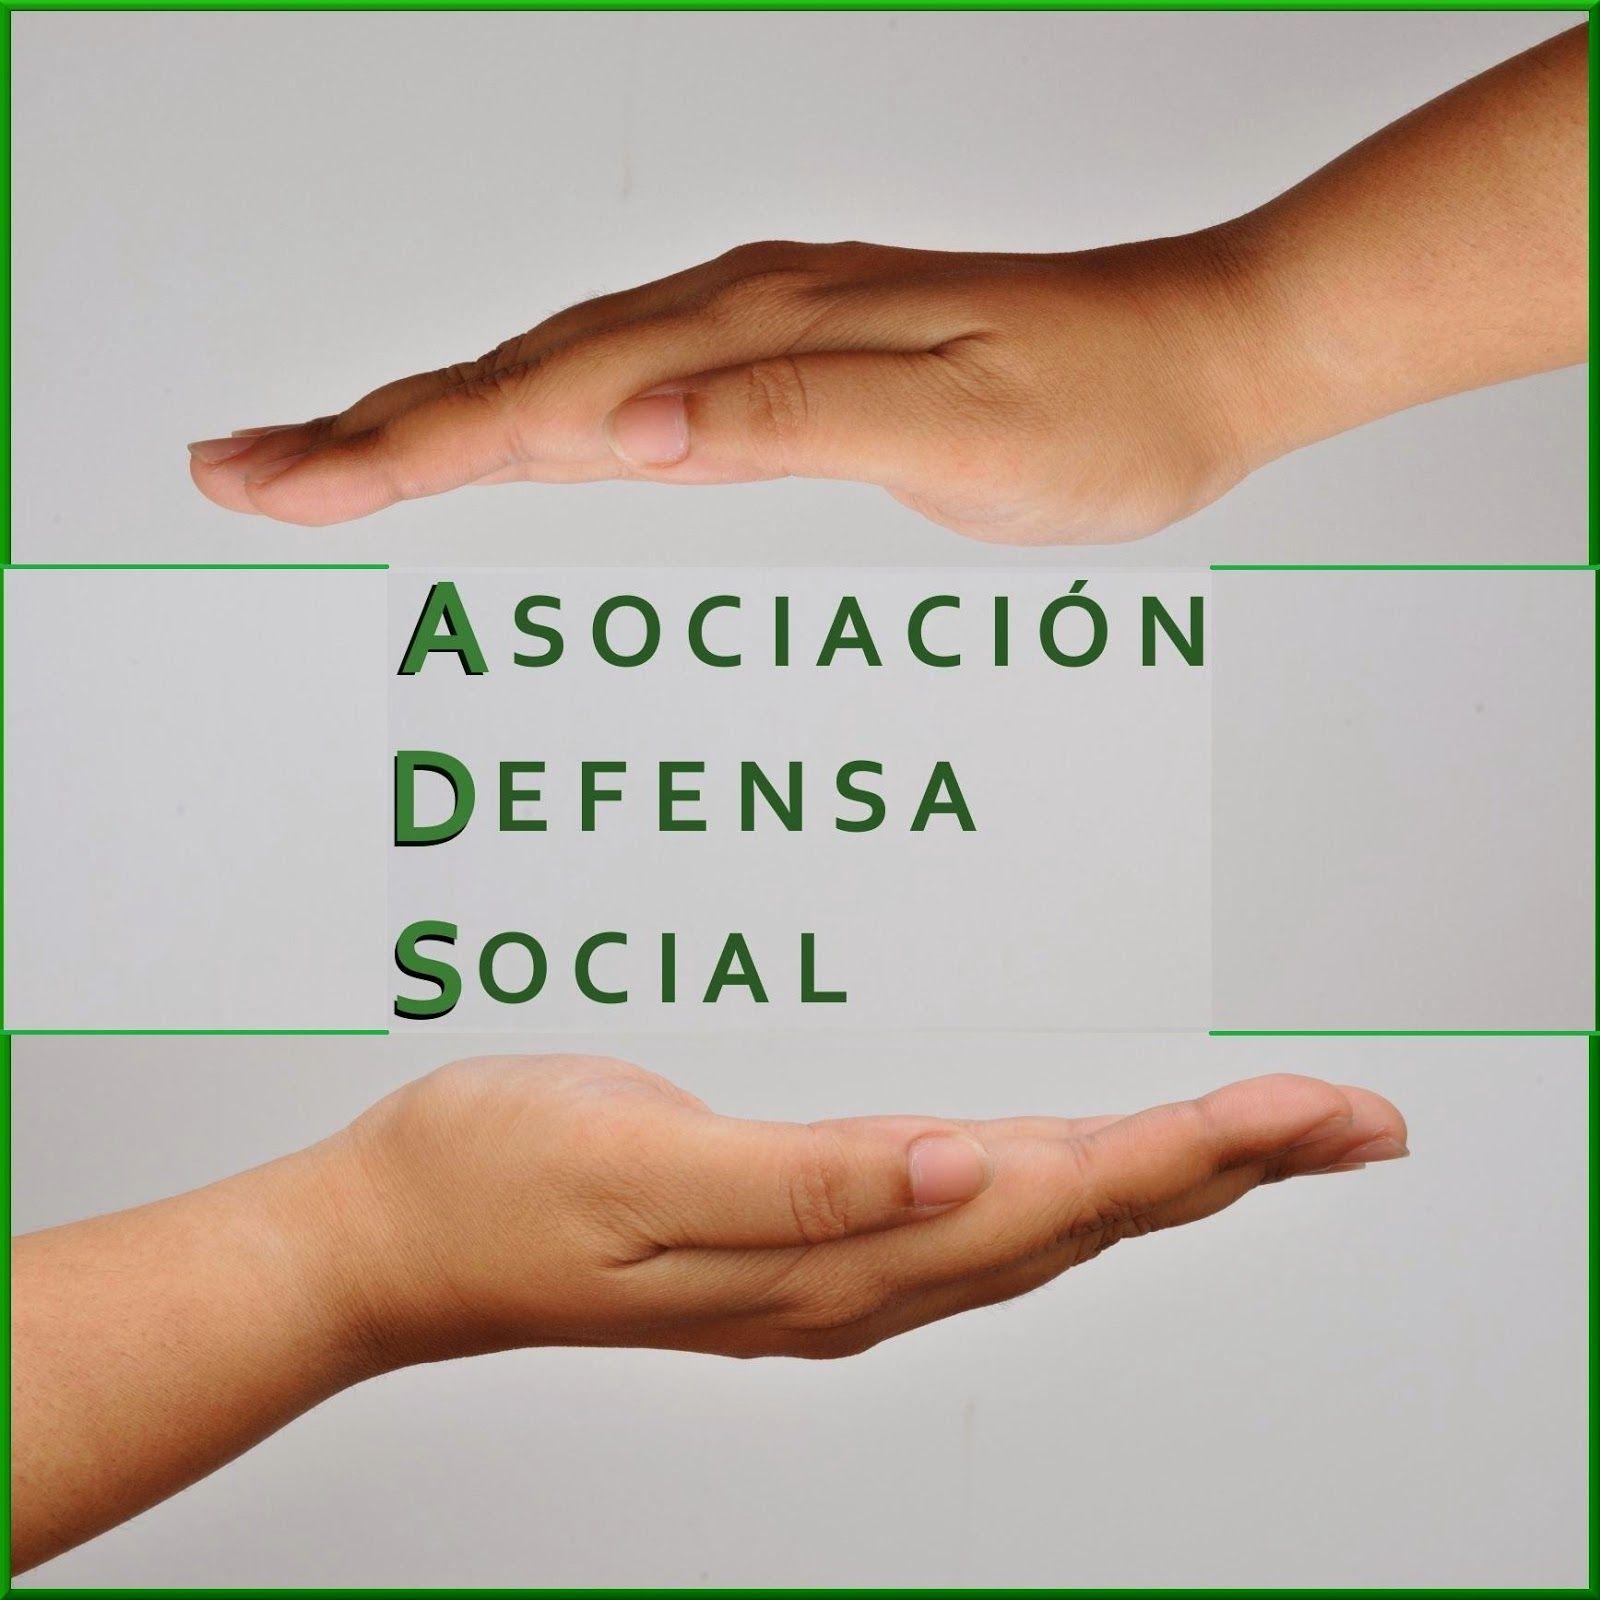 ASOCIACIÓN DEFENSA SOCIAL: La asociación se funda para defensa del ciudadano,...